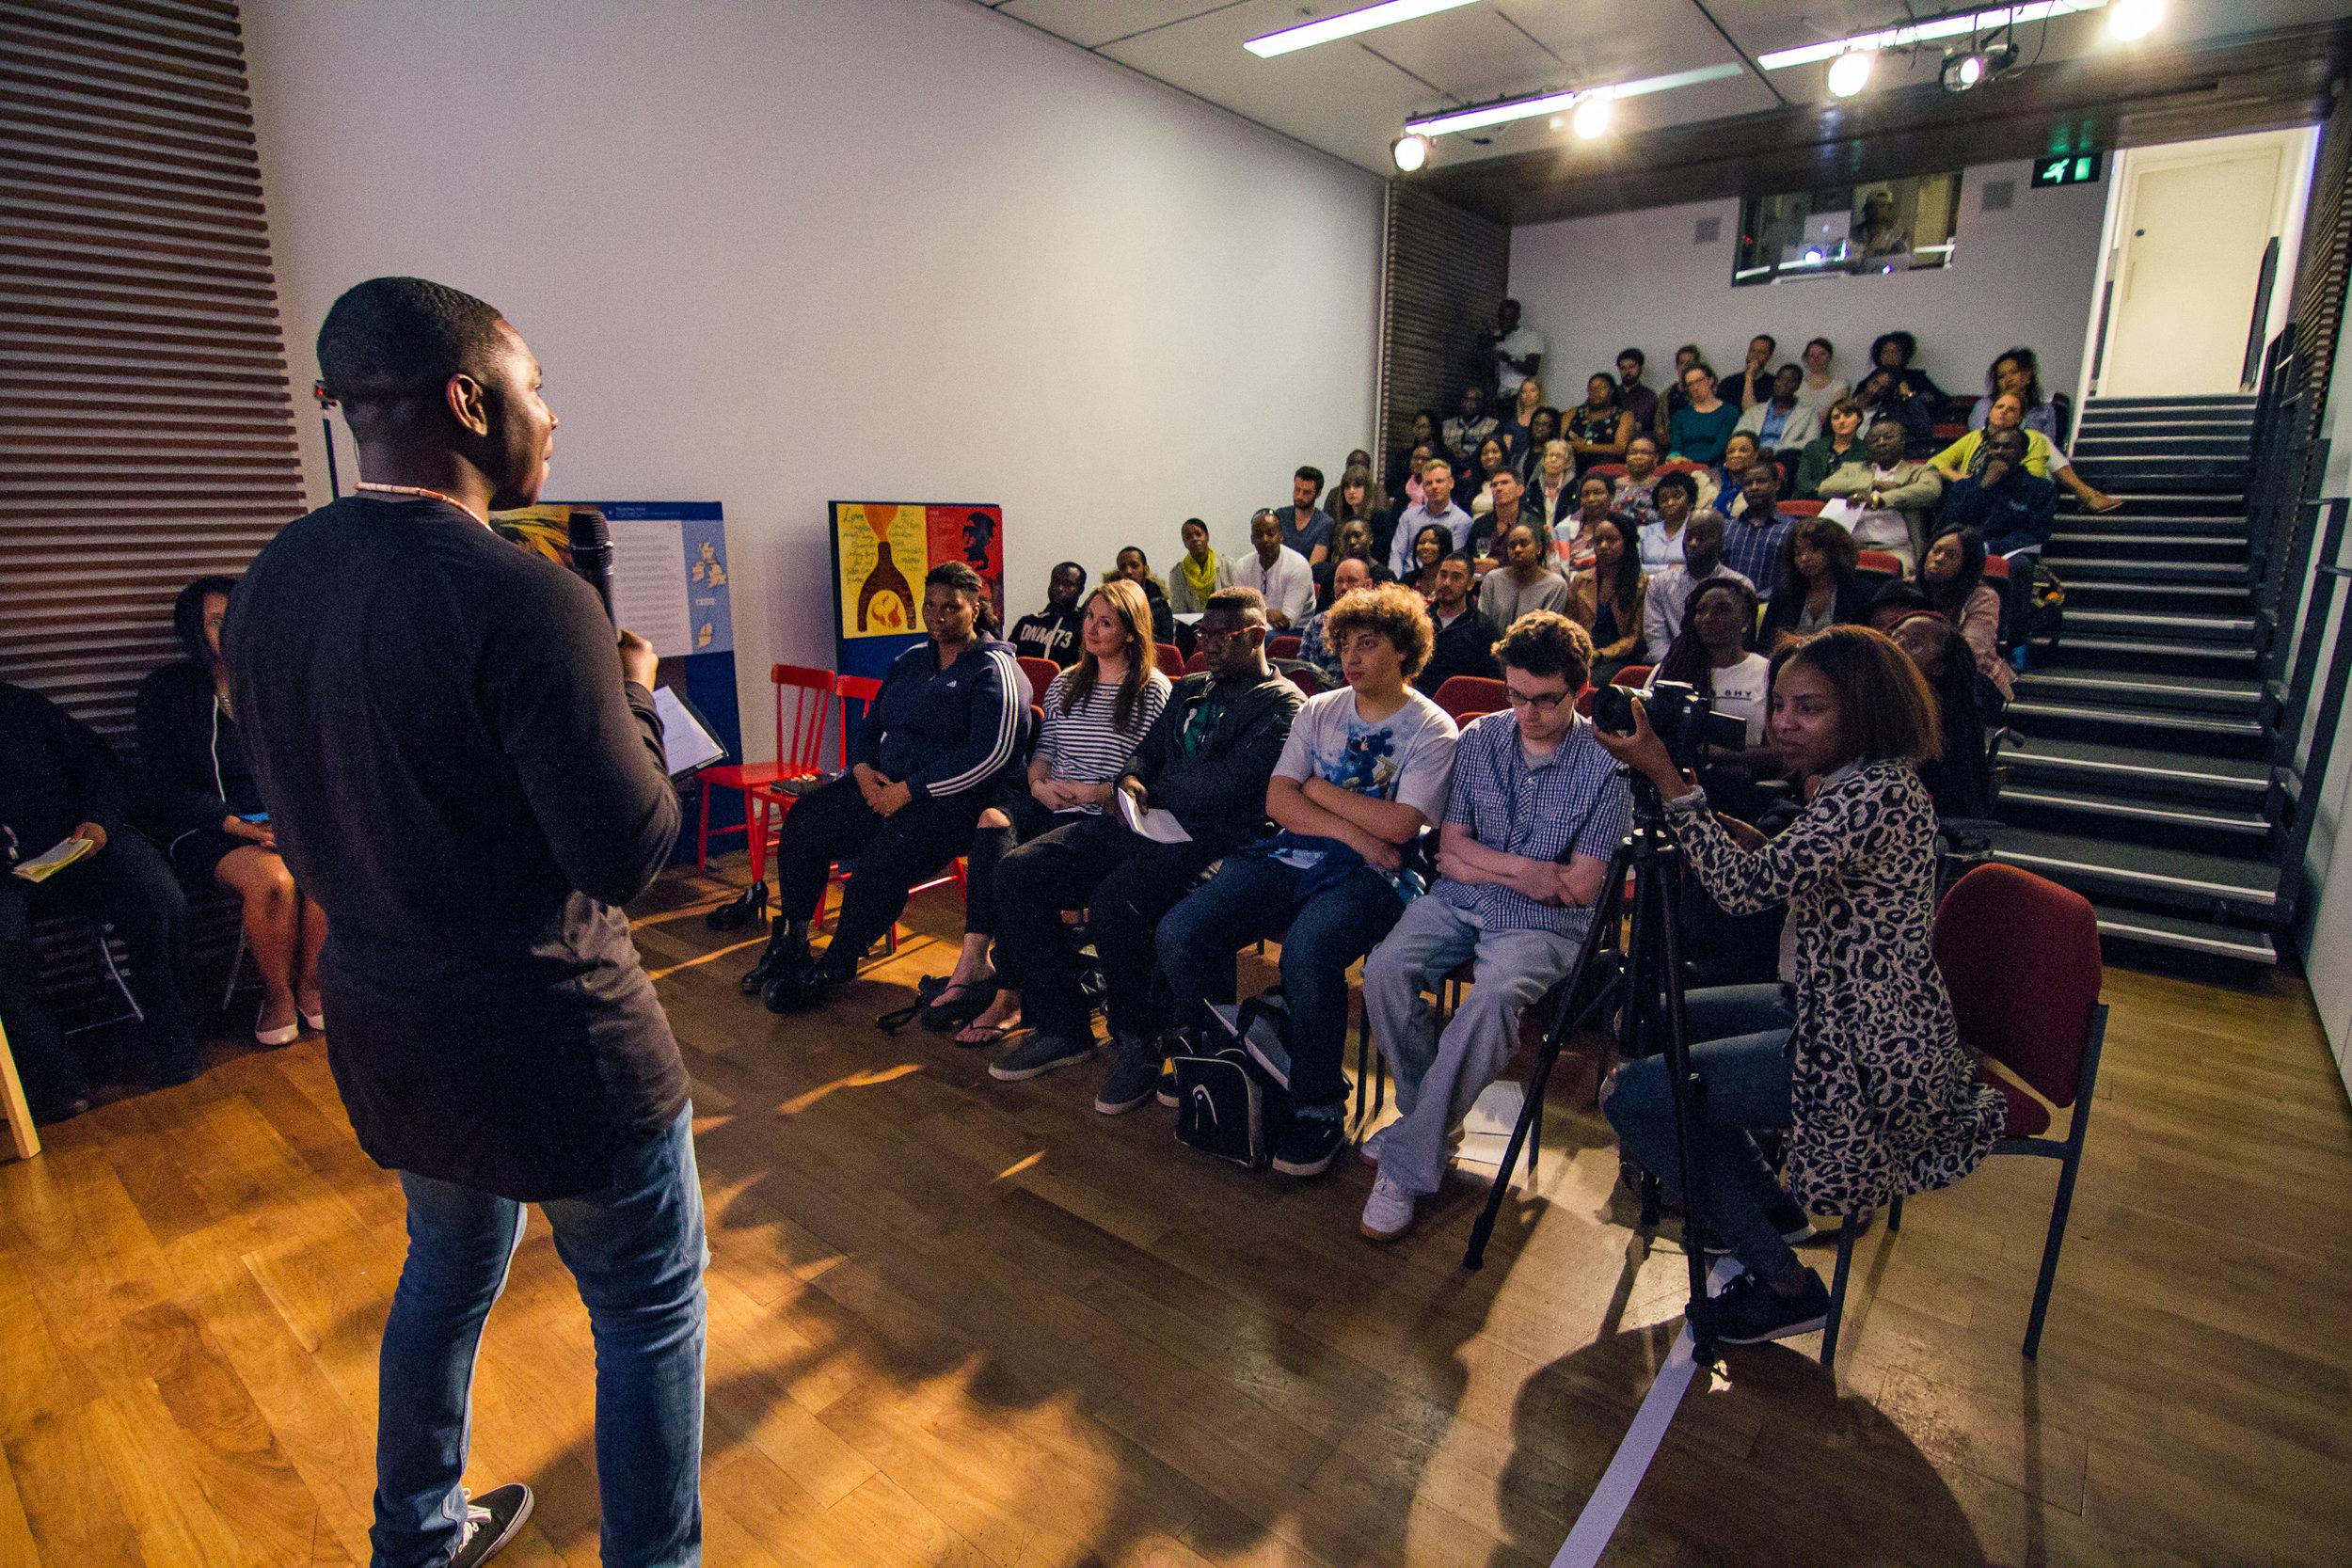 Home Is-Yomi presenting - audience shot.JPG